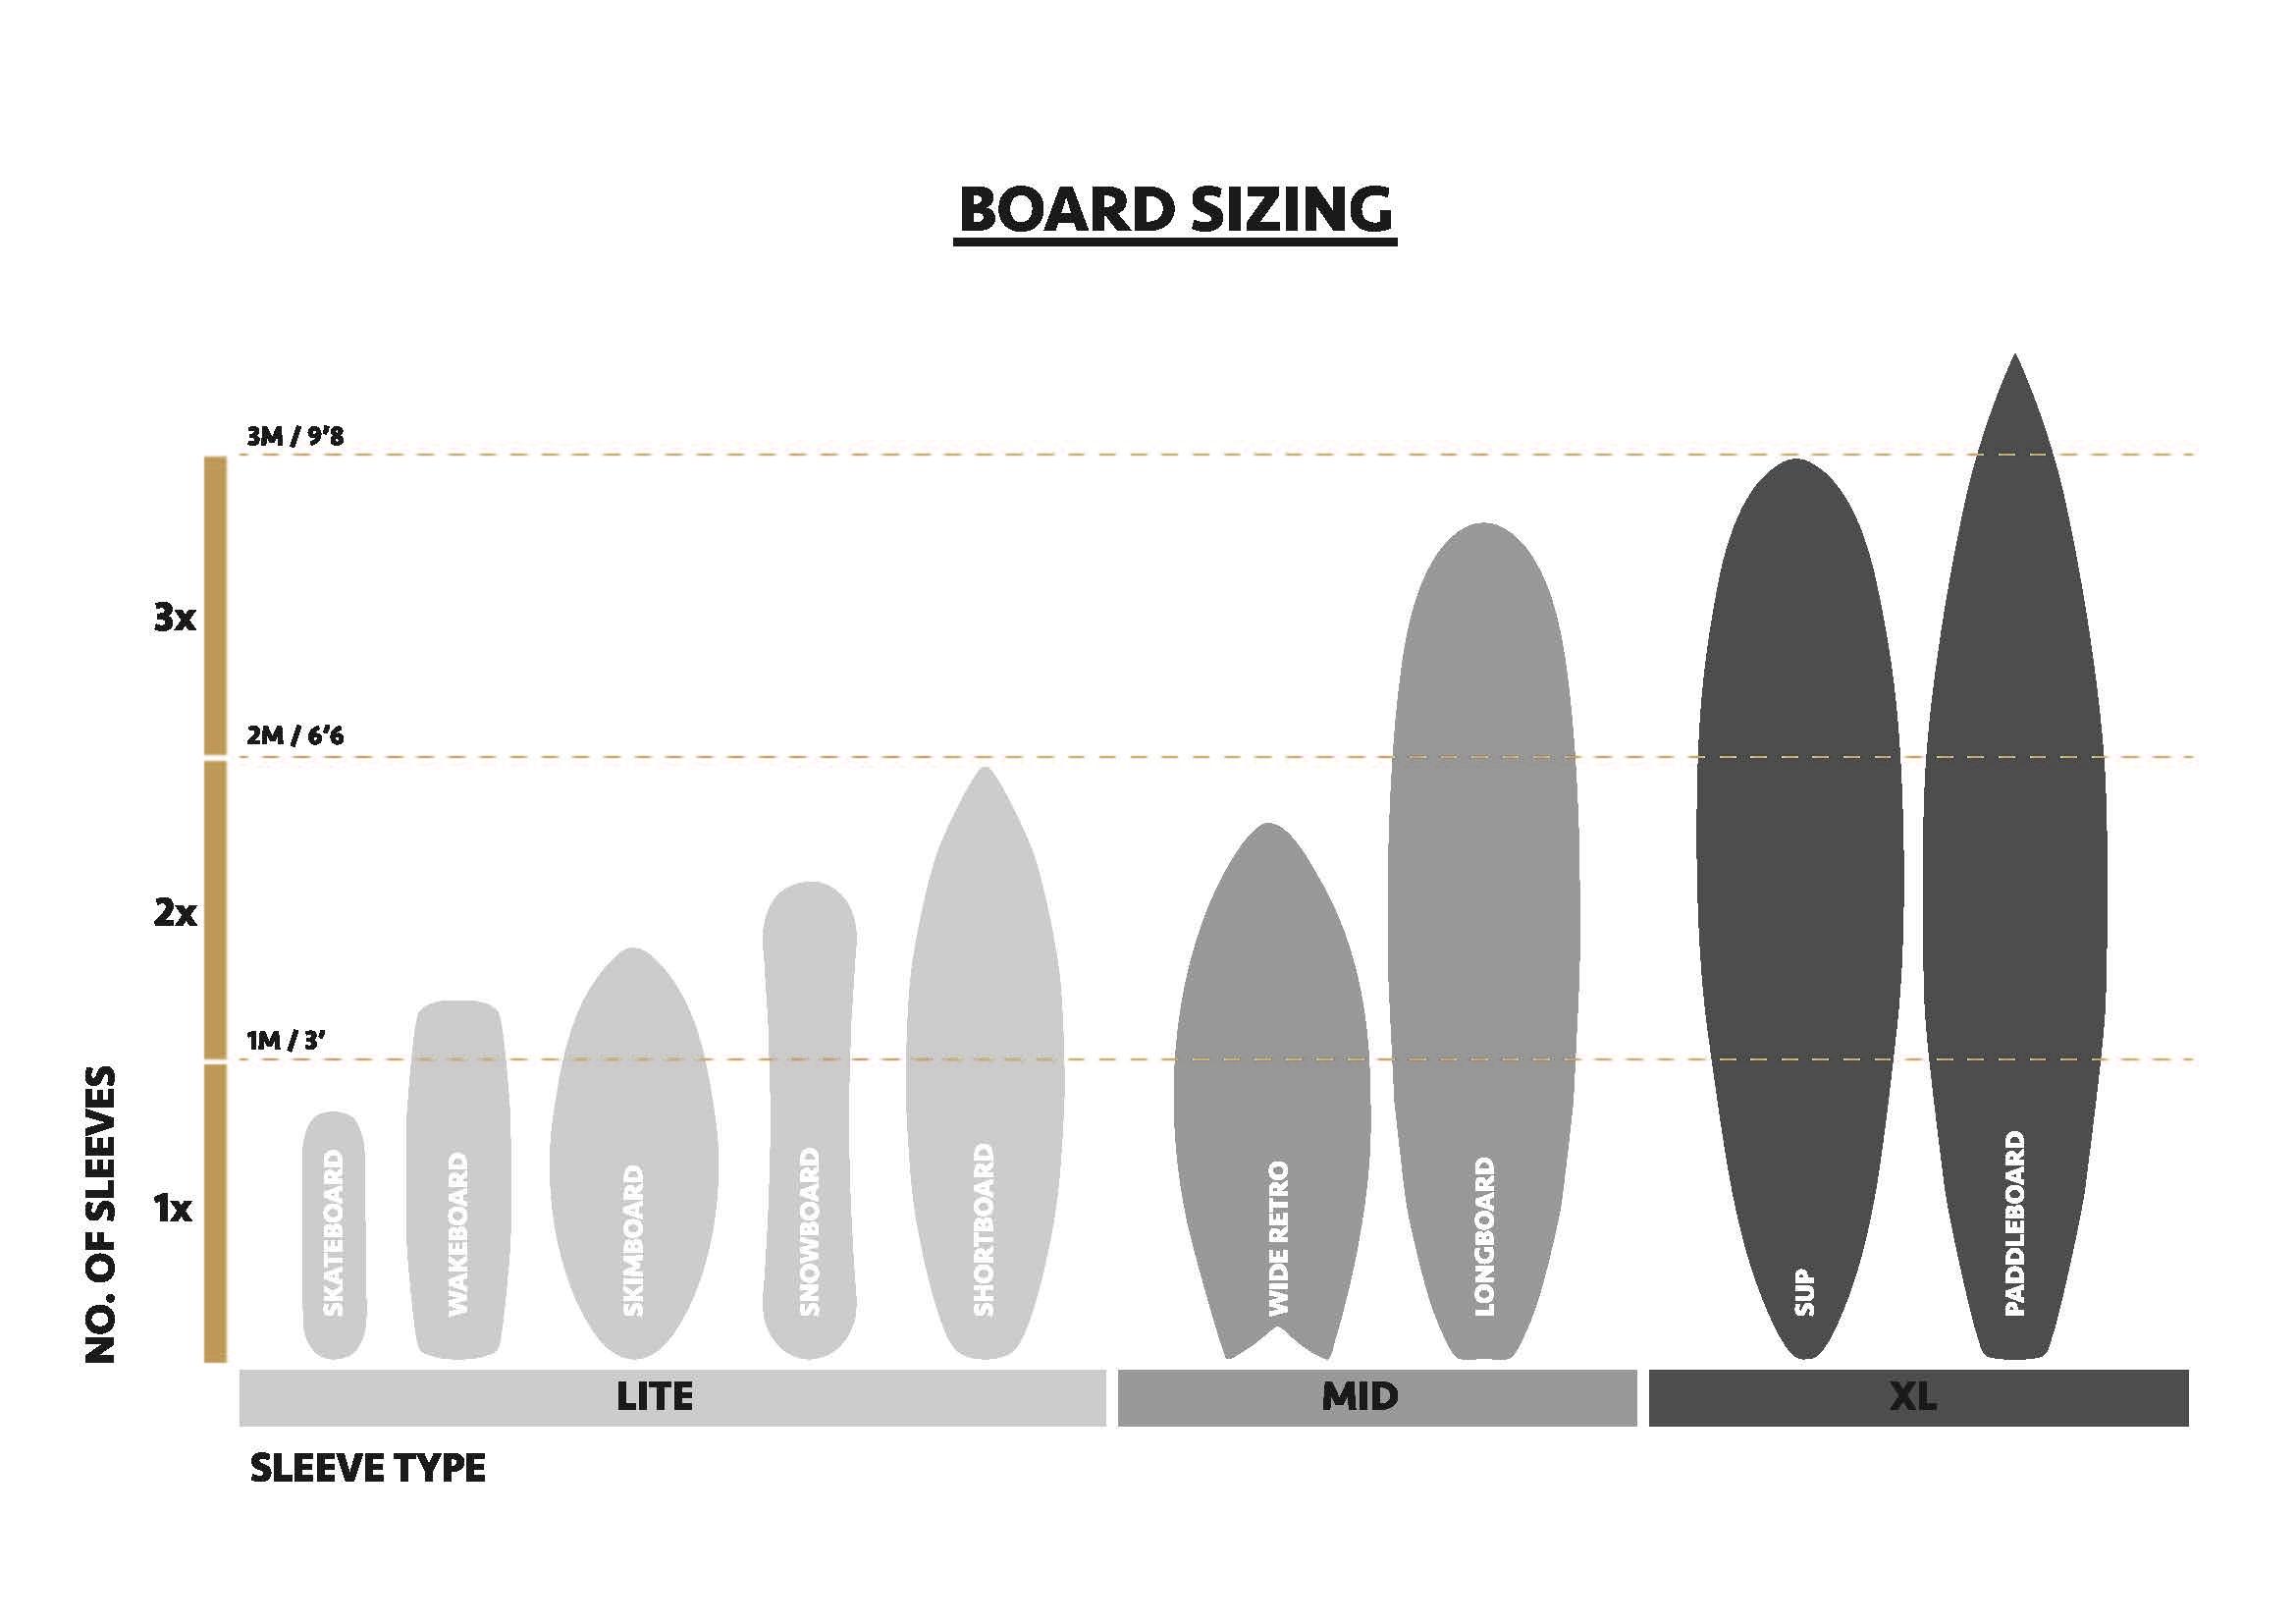 A4_Flexi-hex board sizing.jpg